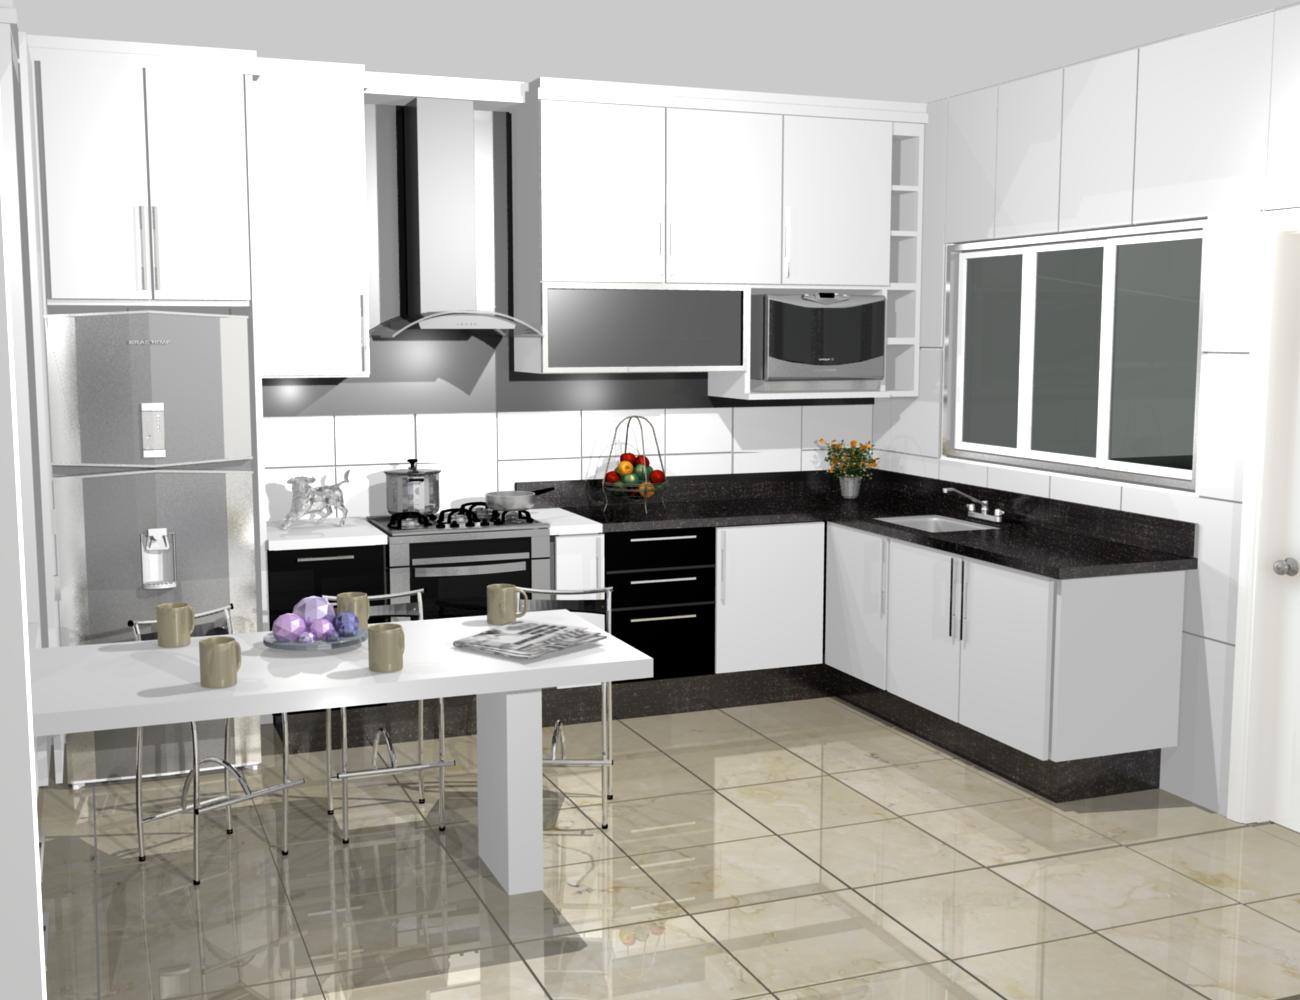 PROJETOS (11) 3976 8616: cozinha planejadas pequenas decorada #624538 1300 1000